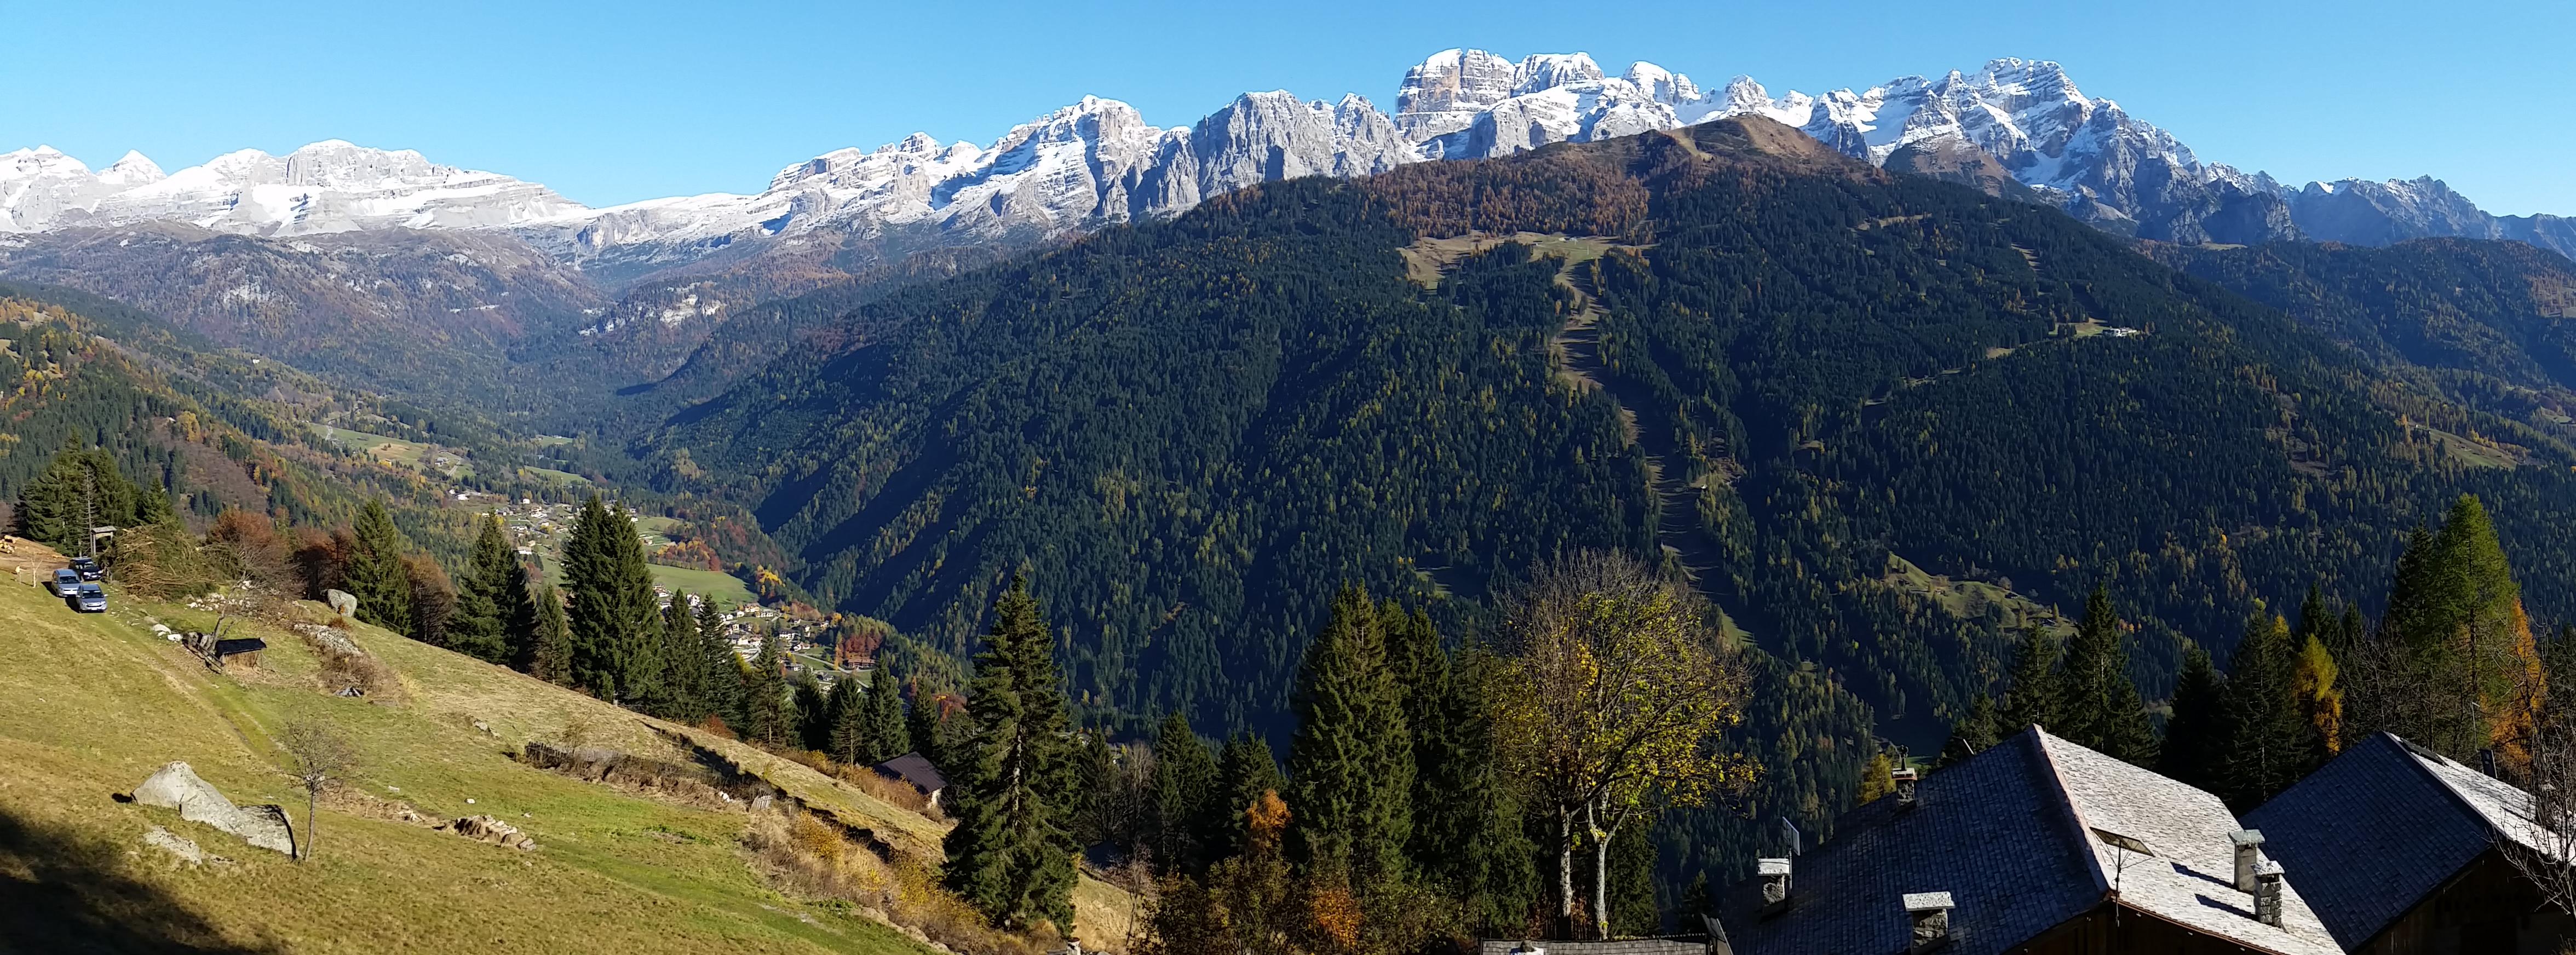 Cavria View